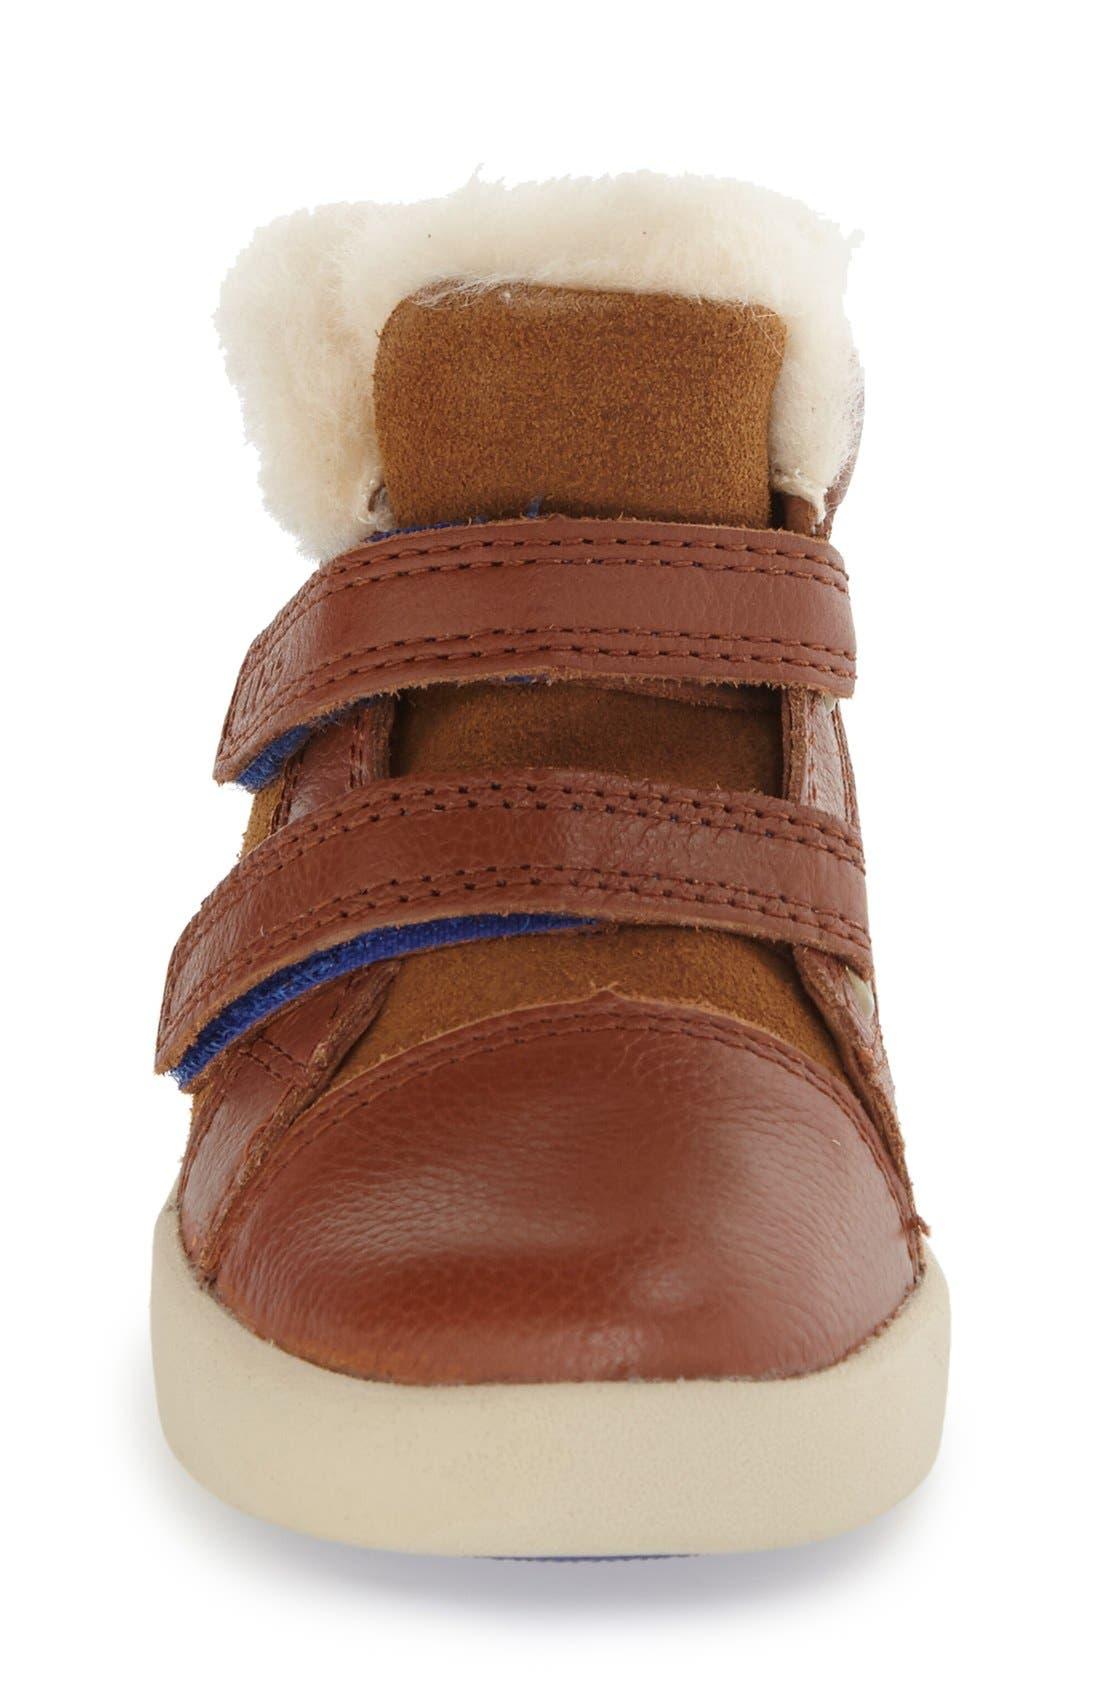 Rennon High Top Sneaker,                             Alternate thumbnail 3, color,                             Chestnut